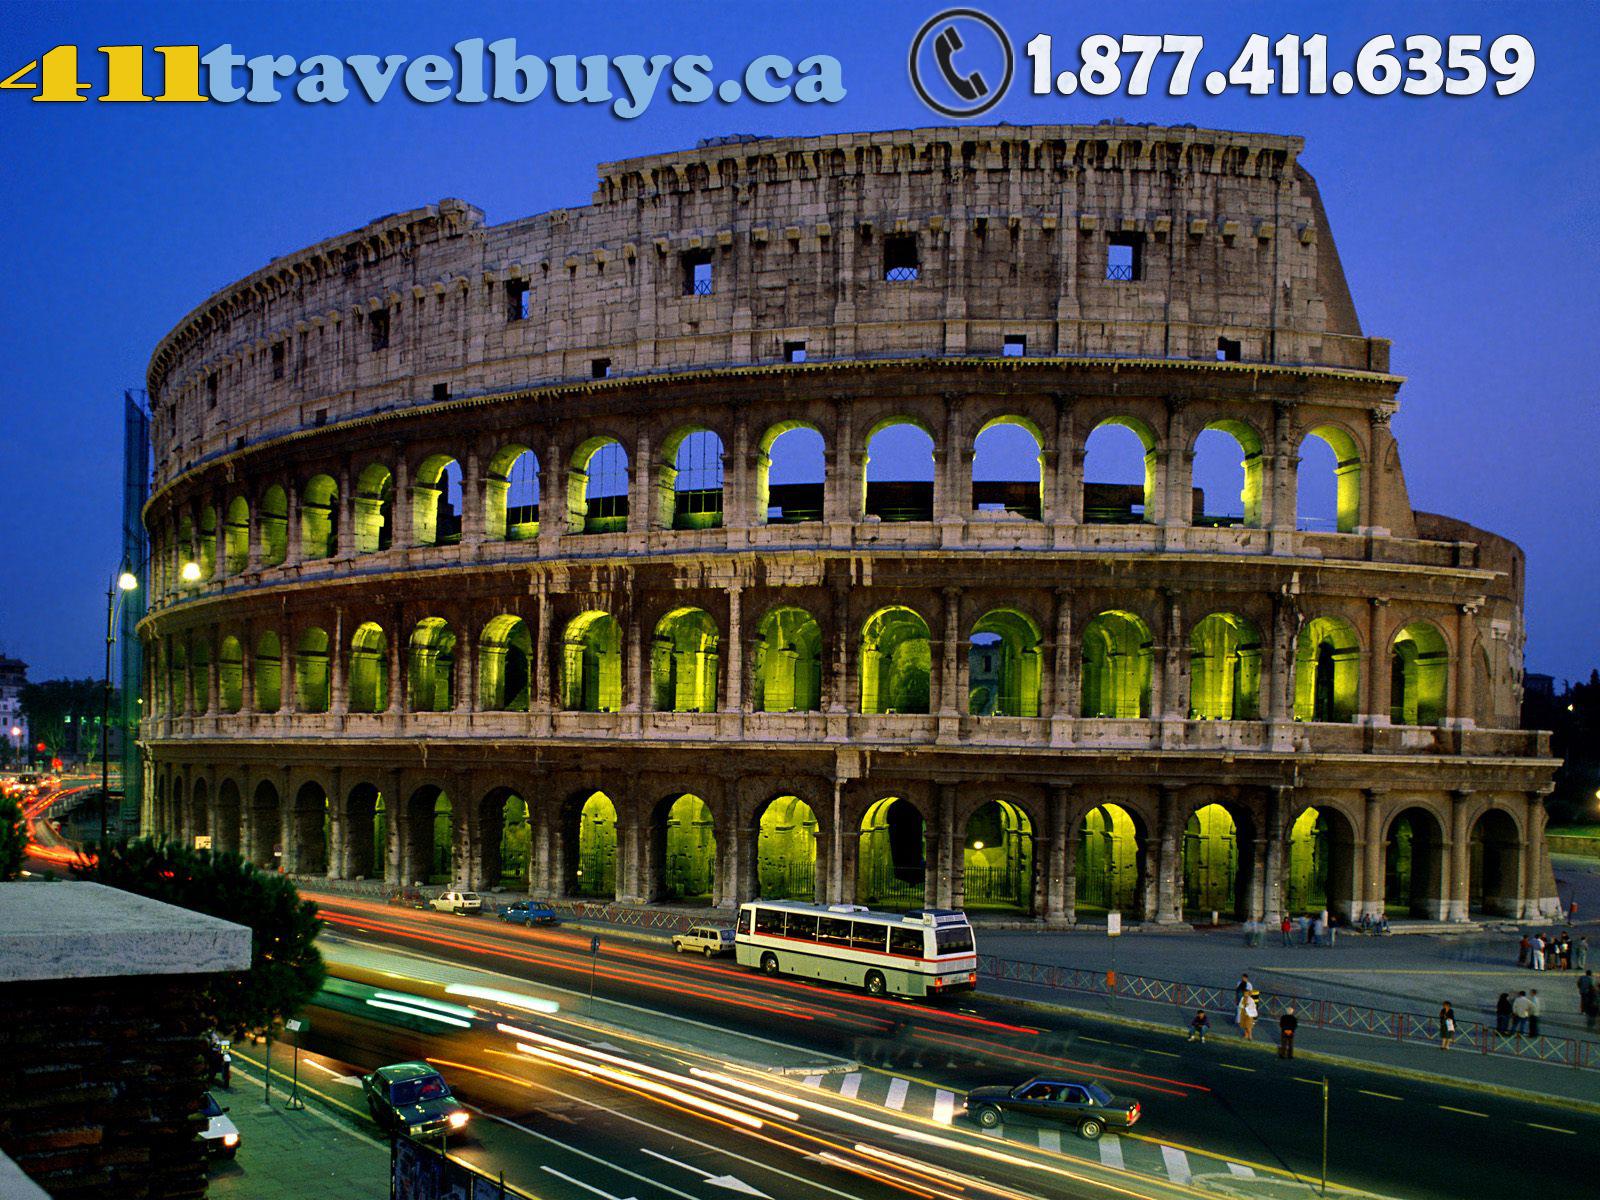 Globus Taste of Italy Tour